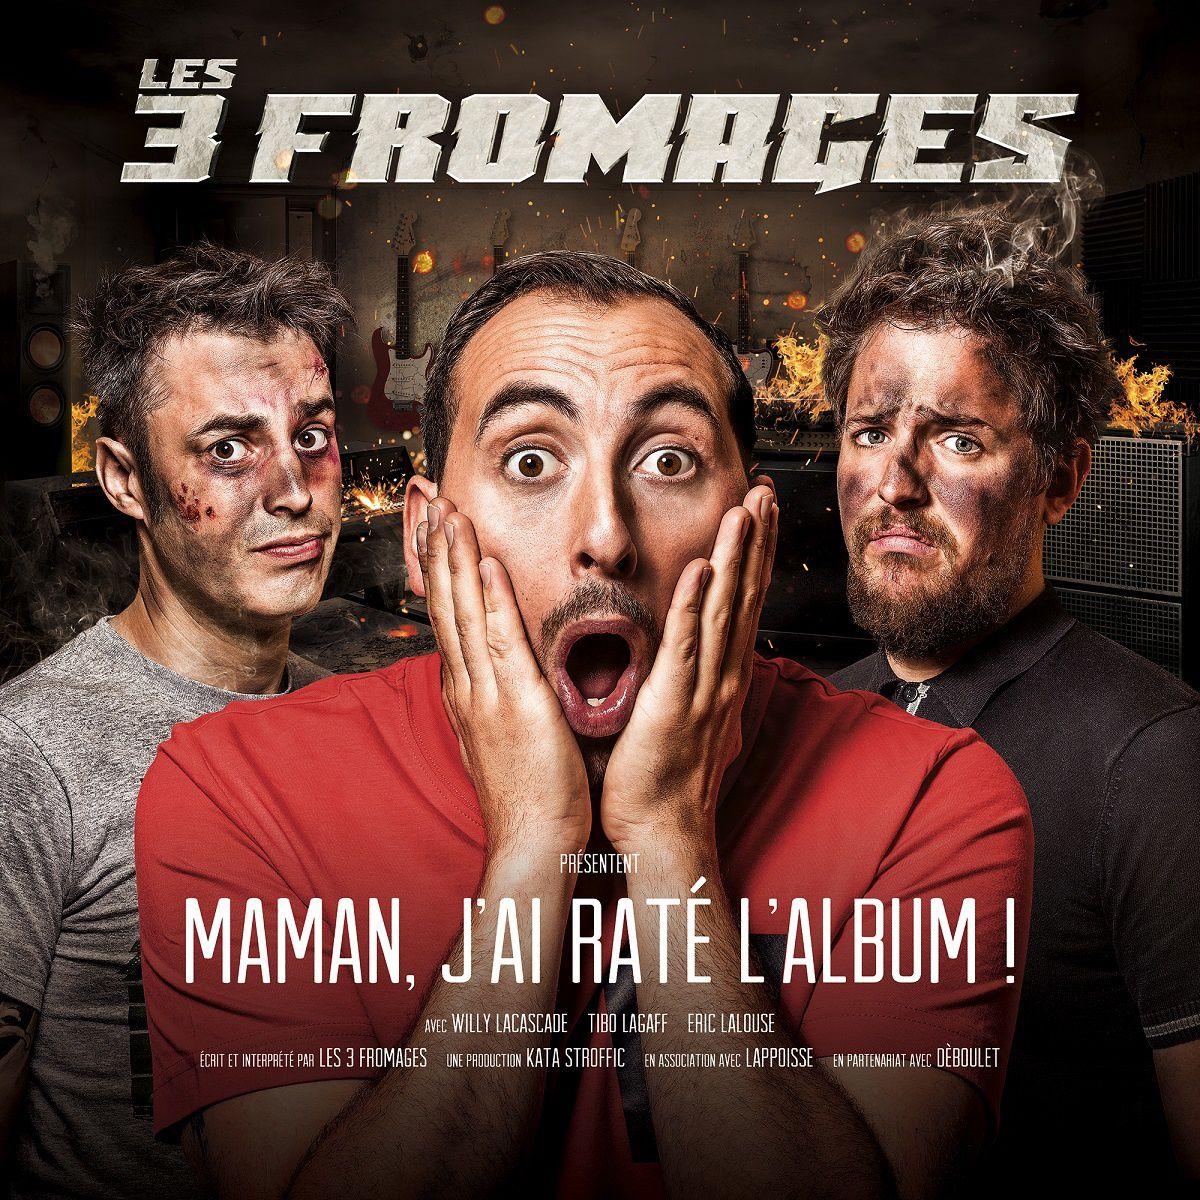 #Decouverte #Musique - Les 3 Fromages Maman J'ai raté l'album! nouvel OPUS !